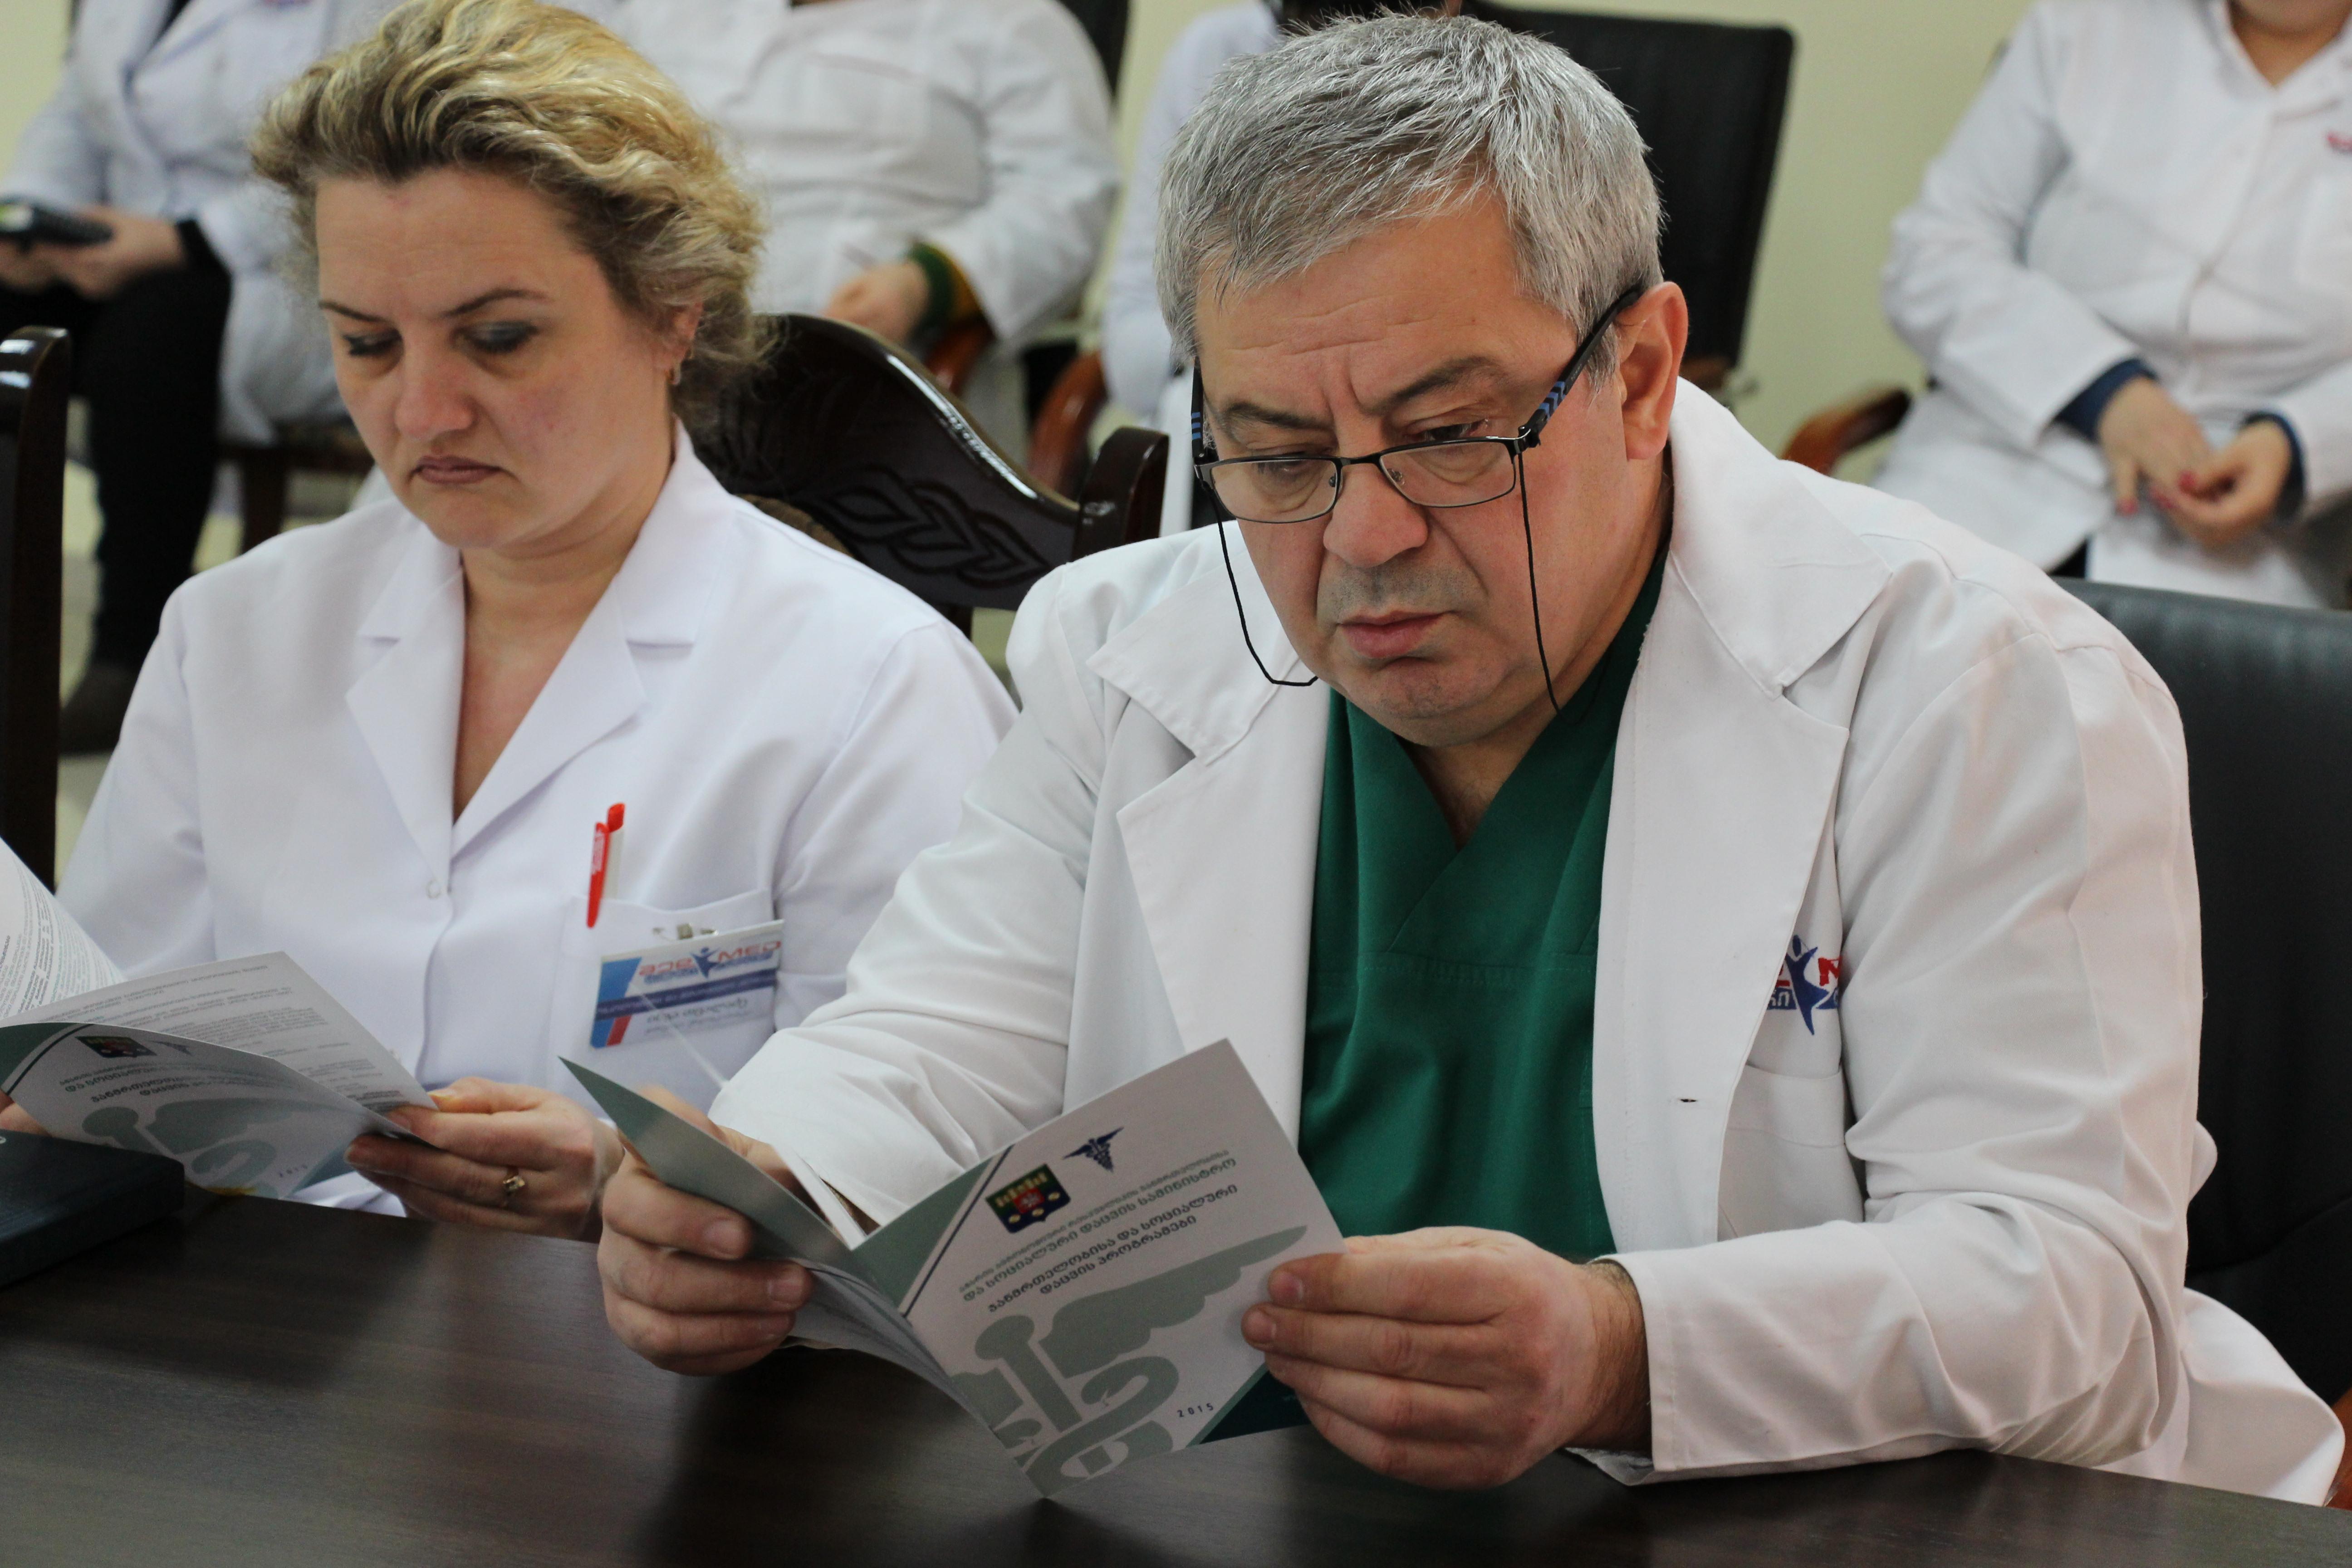 პროგრამების პრეზენტაცია ონკოლოგიურ საავადმყოფოში